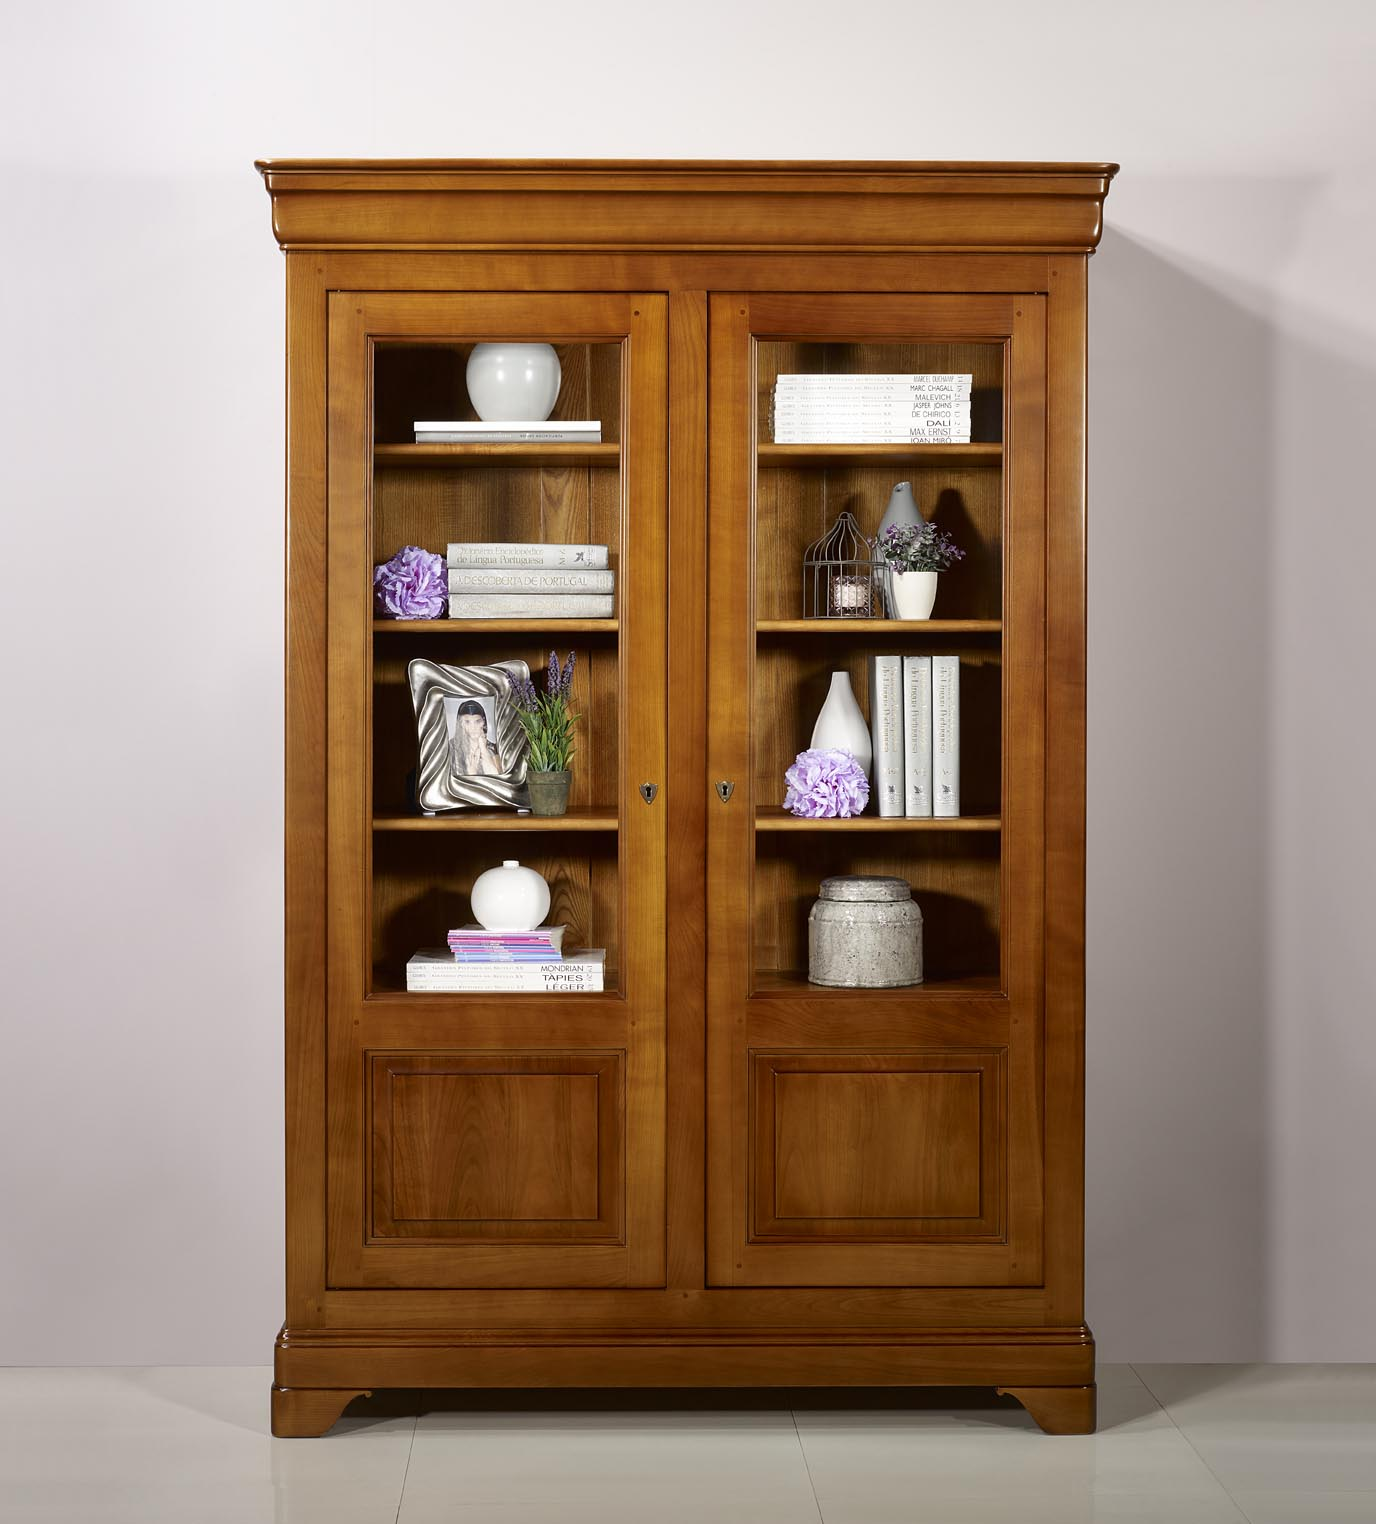 biblioth que 2 portes camille en merisier massif de style louis philippe meuble en merisier. Black Bedroom Furniture Sets. Home Design Ideas